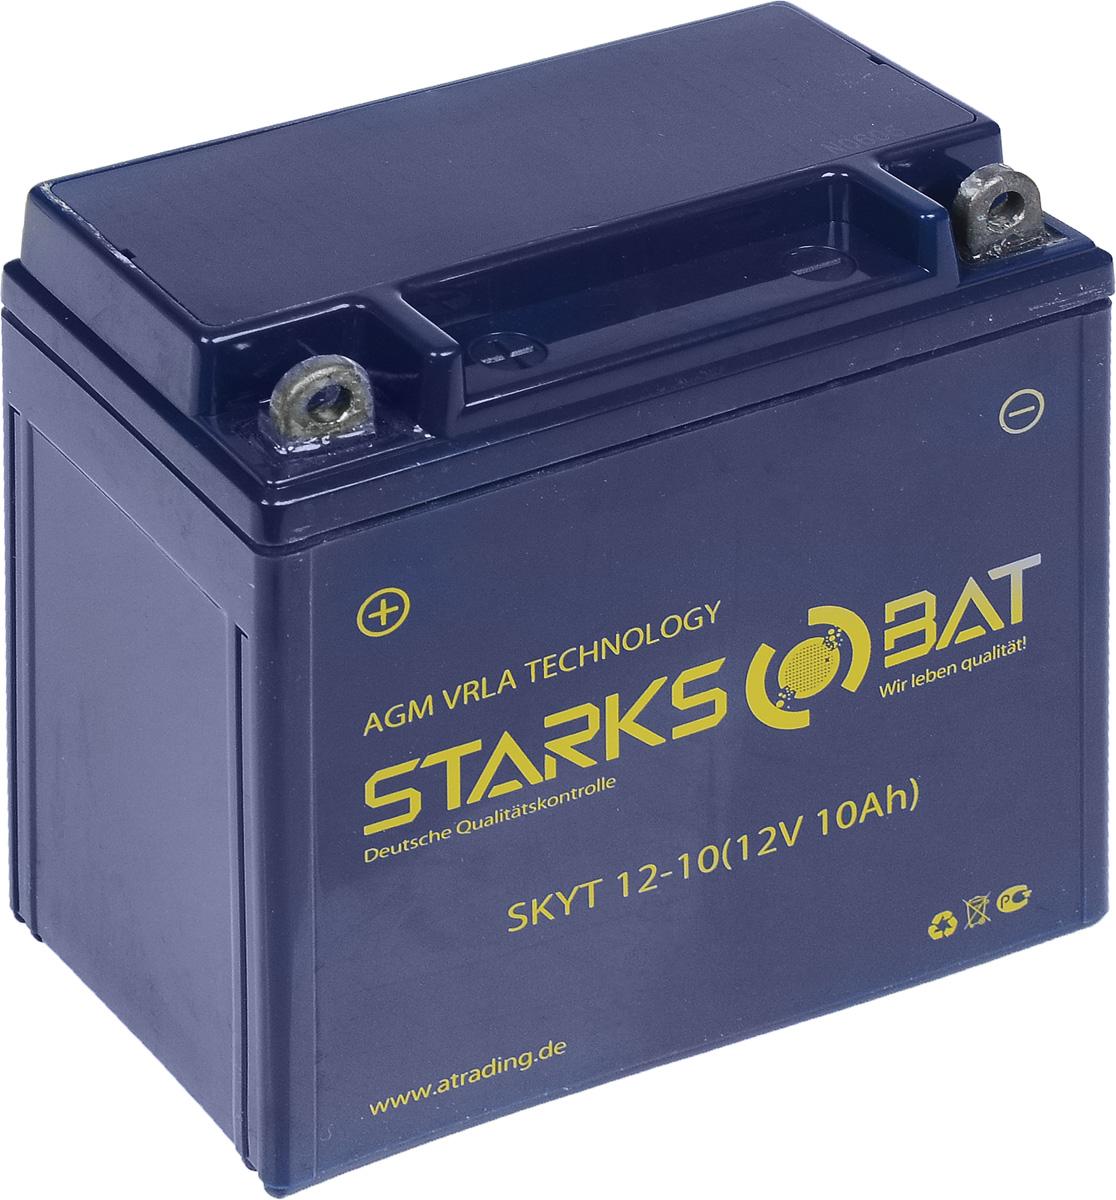 Батарея аккумуляторная для мотоциклов Starksbat. YT 12-10 (YB9A-A)YT 12-10Аккумулятор Starksbat изготовлен по технологии AGM, обеспечивающей повышенный уровень безопасности батареи и удобство ее эксплуатации. Корпус выполнен из особо ударопрочного и морозостойкого полипропилена. Аккумулятор блестяще доказал свои высокие эксплуатационные свойства в самых экстремальных условиях бездорожья, высоких и низких температур. Аккумуляторная батарея Starksbat производится под знаменитым немецким контролем качества, что обеспечивает ему высокие пусковые характеристики и восстановление емкости даже после глубокого разряда. Напряжение: 12 В. Емкость: 10 Ач. Полярность: прямая (+ -). Ток холодной прокрутки: 135 Аh (EN).